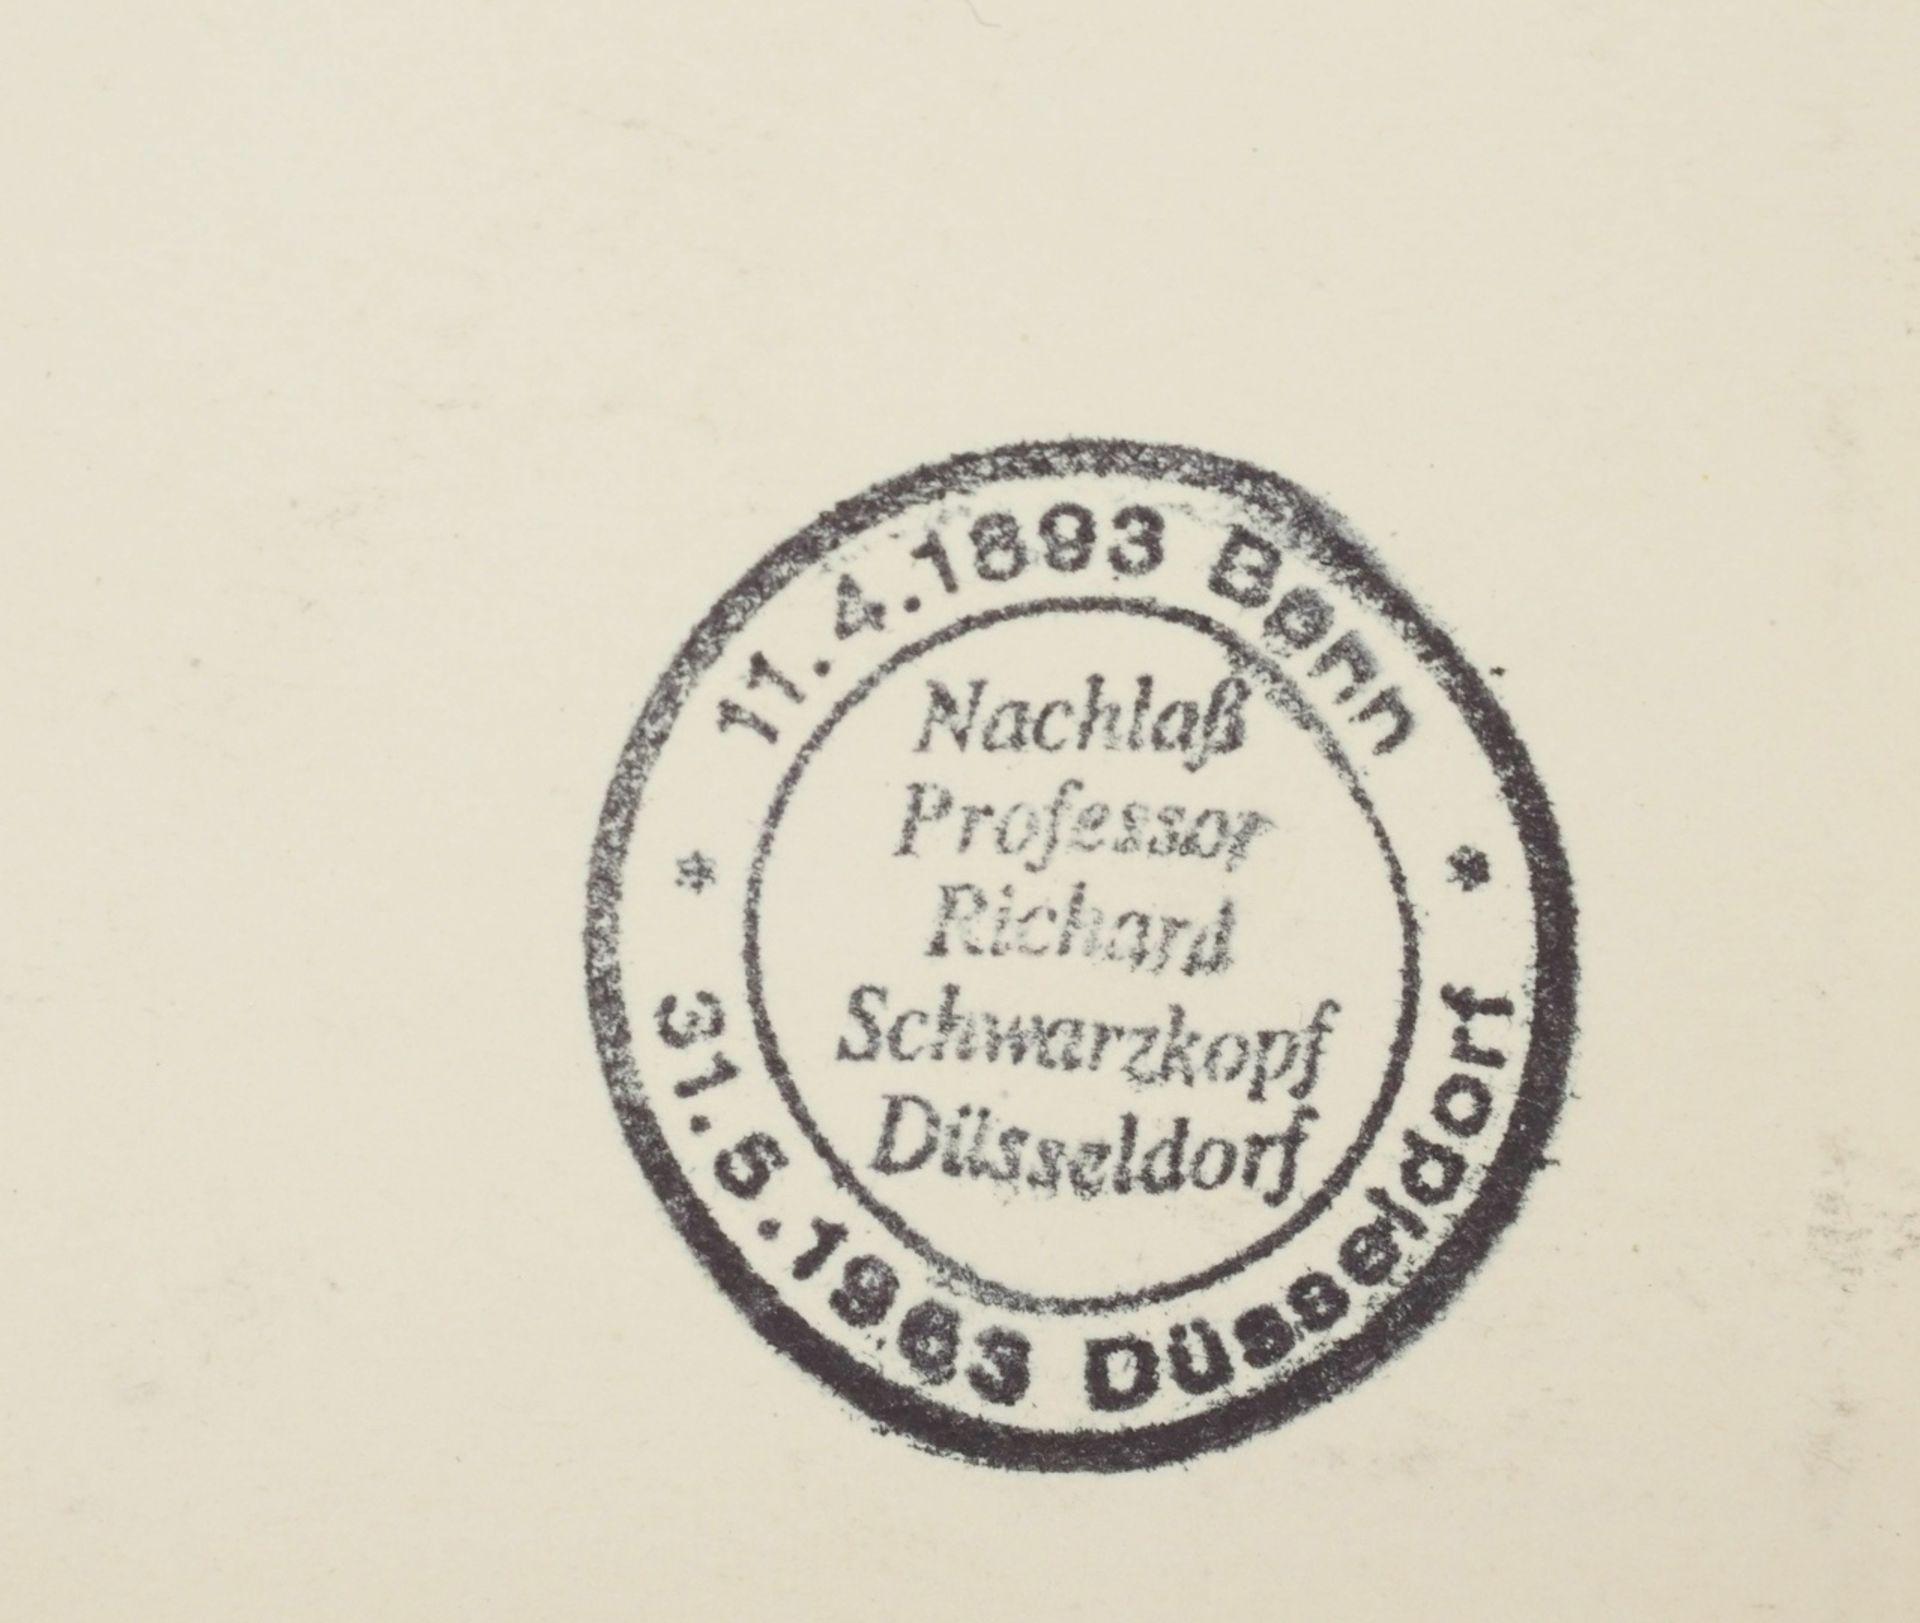 Richard Schwarzkopf, Erschießung - Bild 4 aus 4